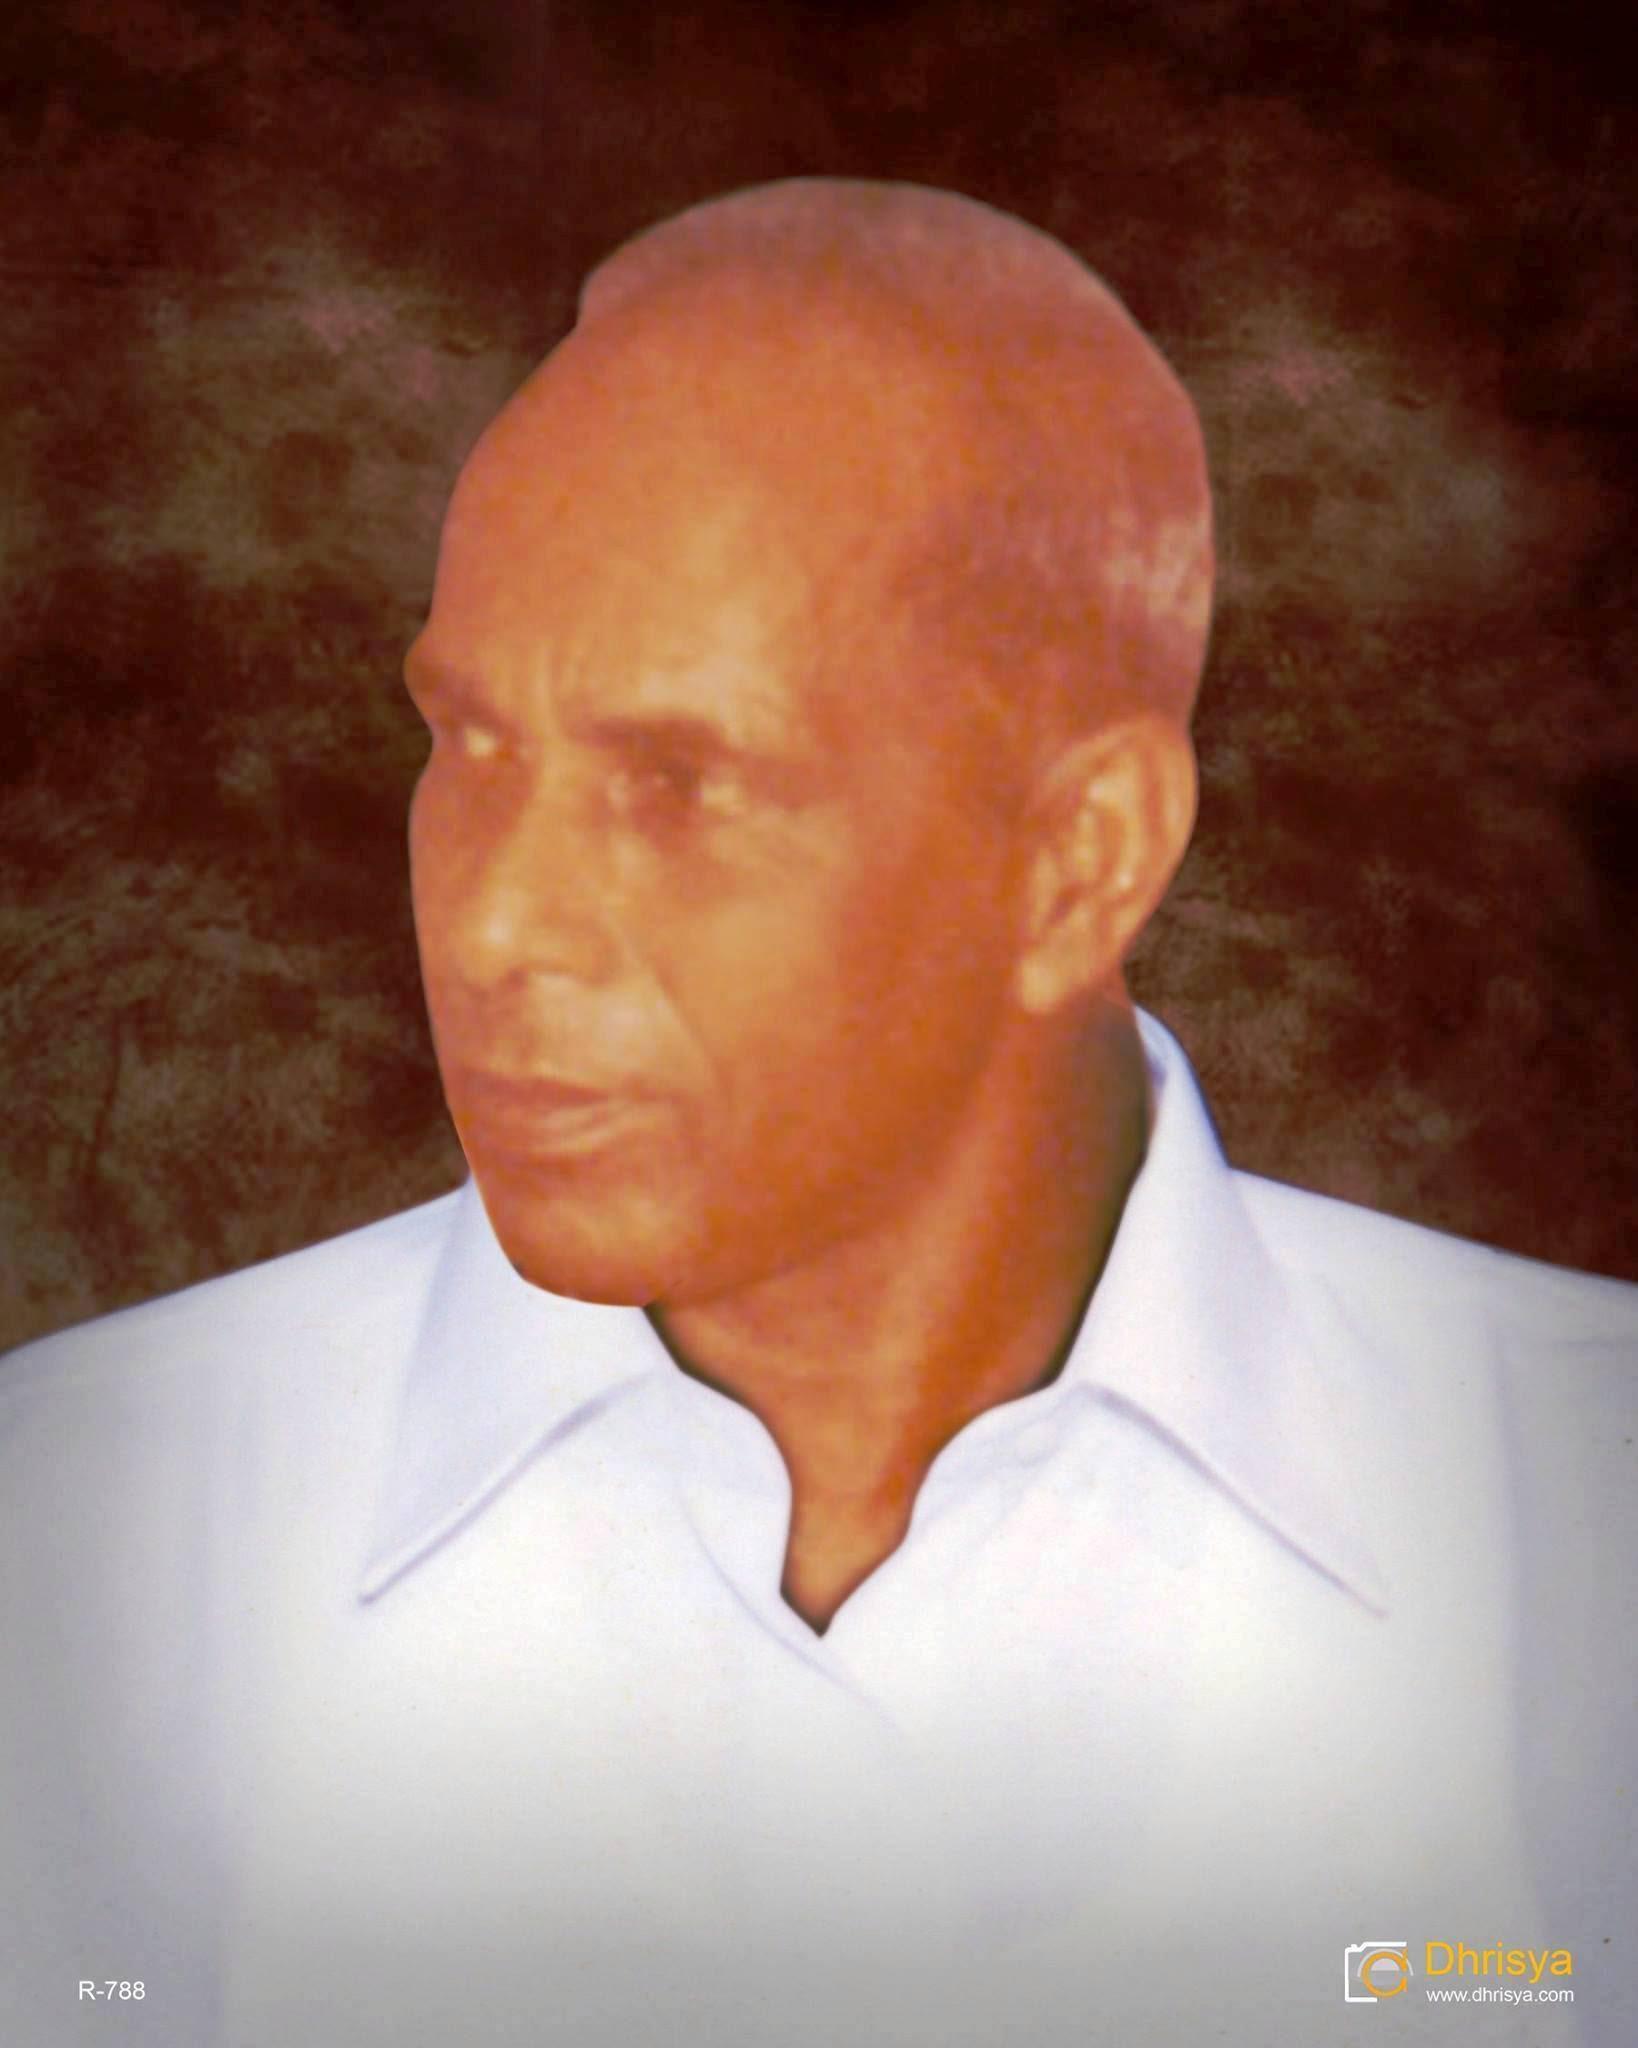 Photo: my passed away grandfather: sri Kunjukunju vilayil ayathil Panicker Muthalali